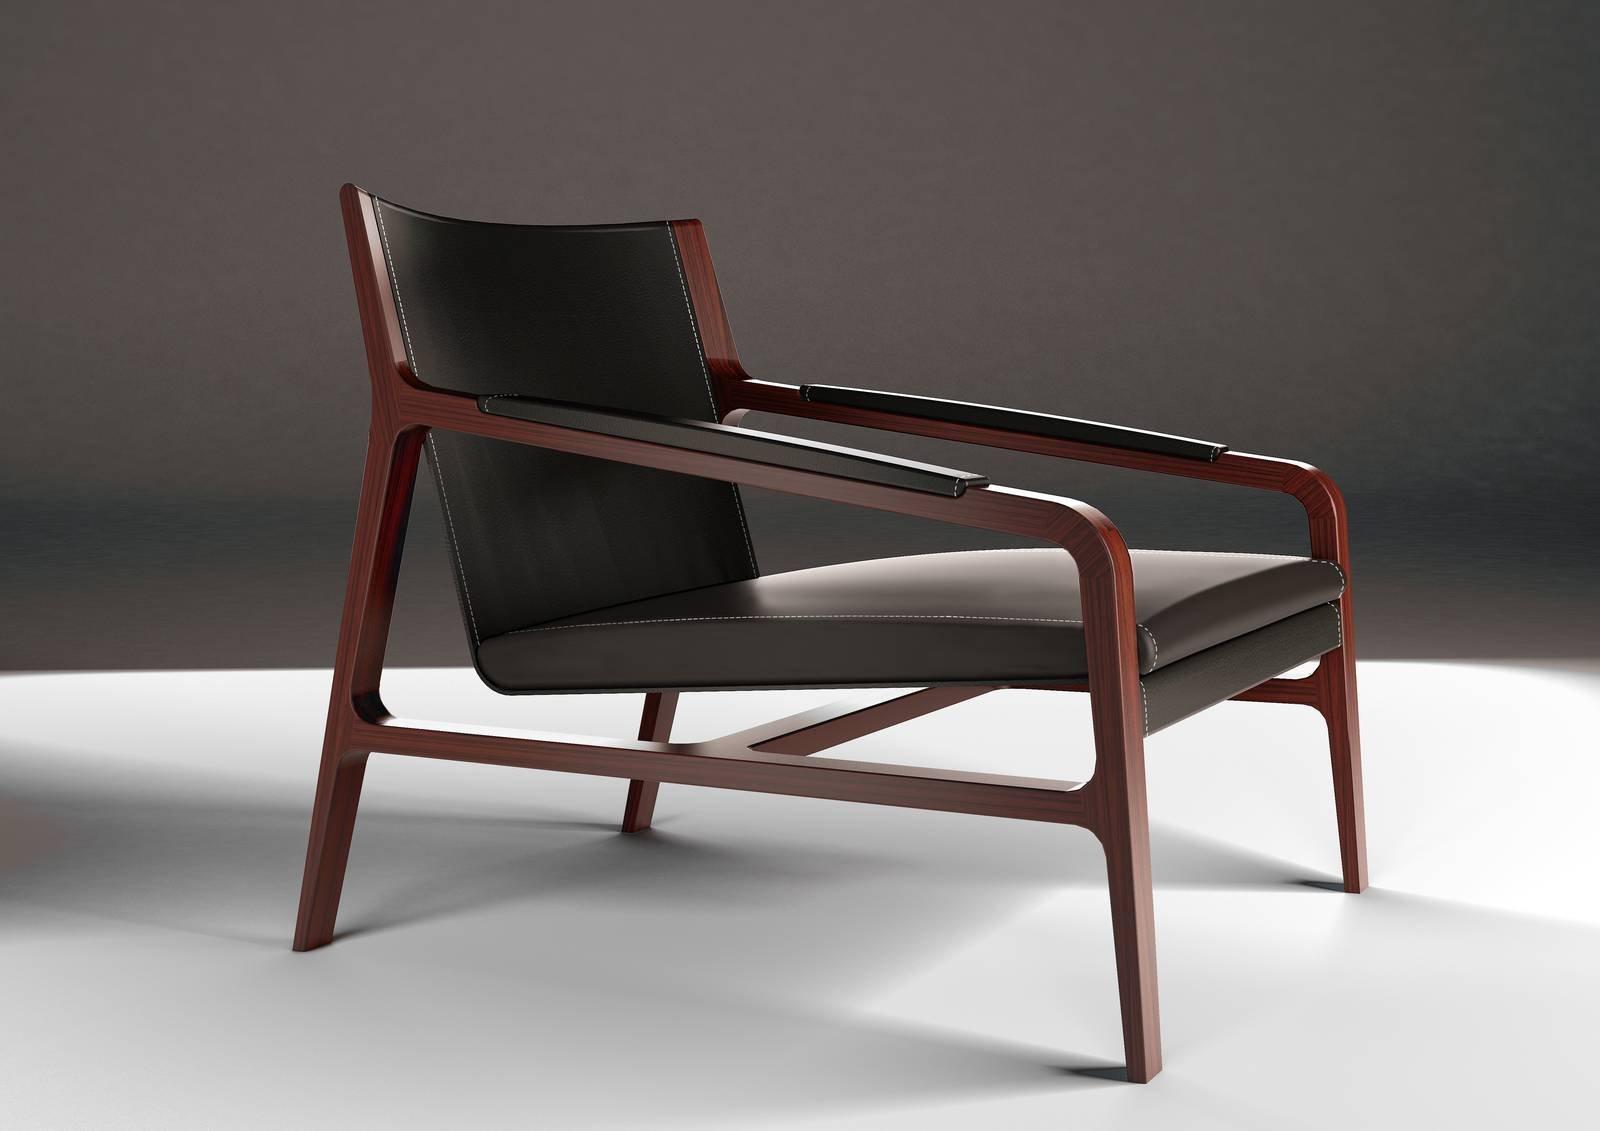 Poltroncina Cuoio Acciaio Raffaella : Le nuove sedie e poltroncine al salone del mobile